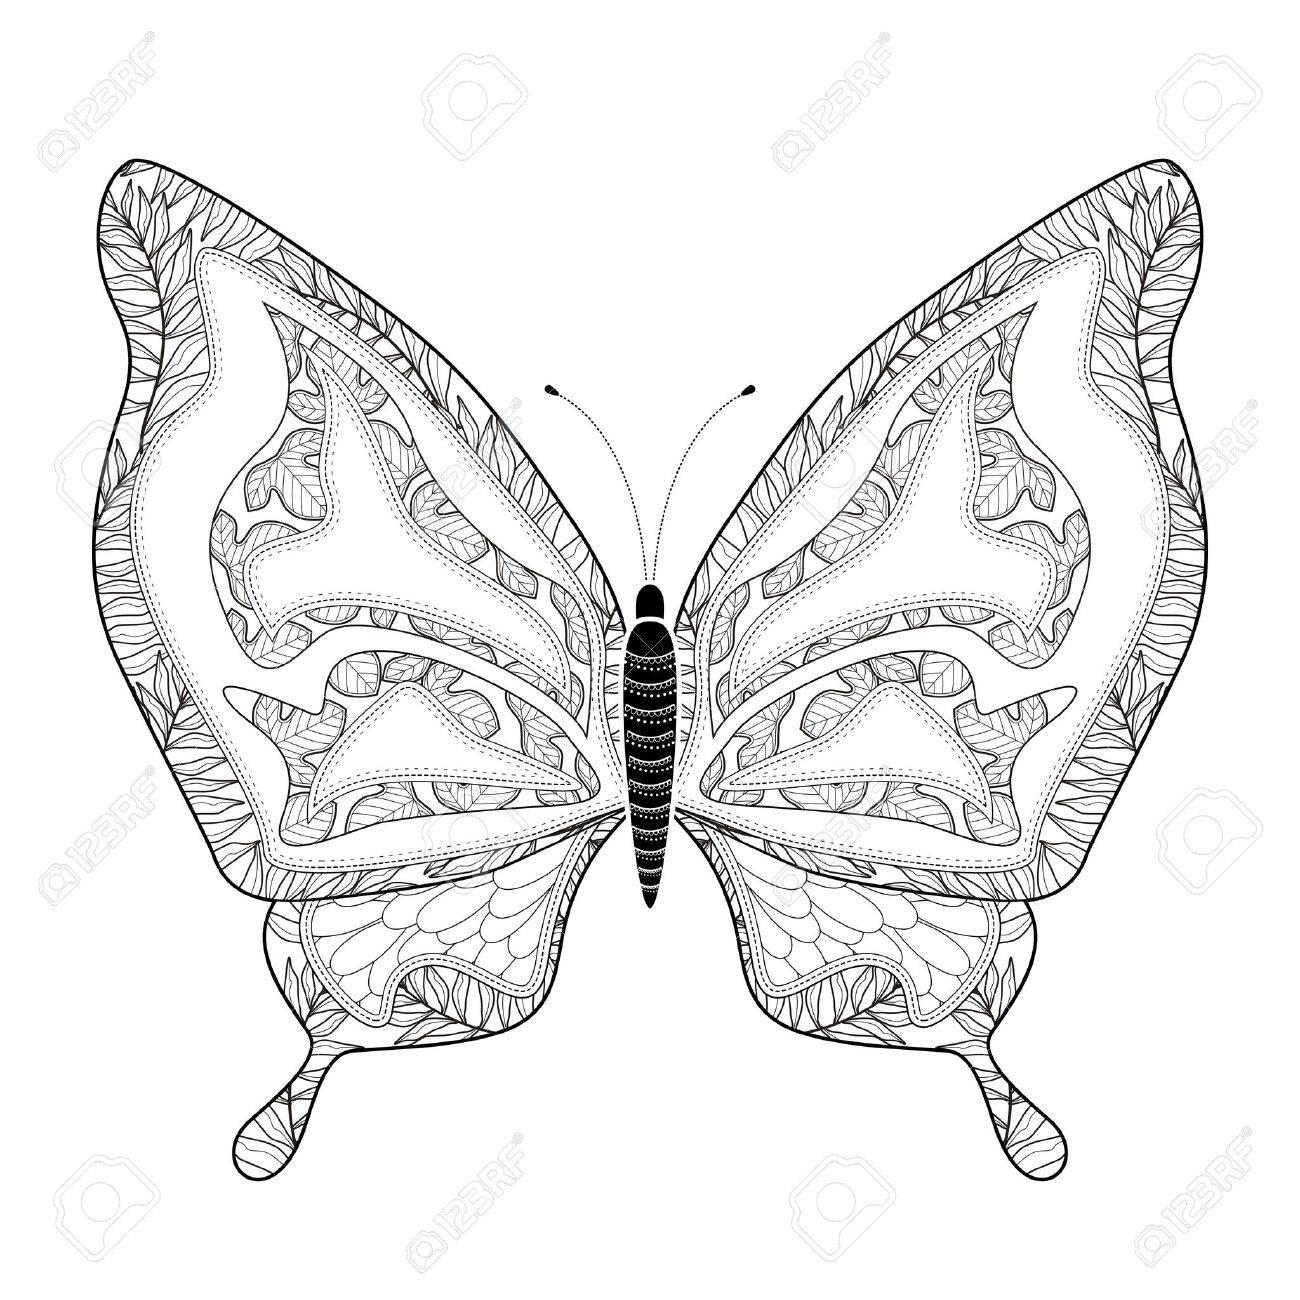 Página Elegante Para Colorear Mariposa En Un Estilo Exquisito ...